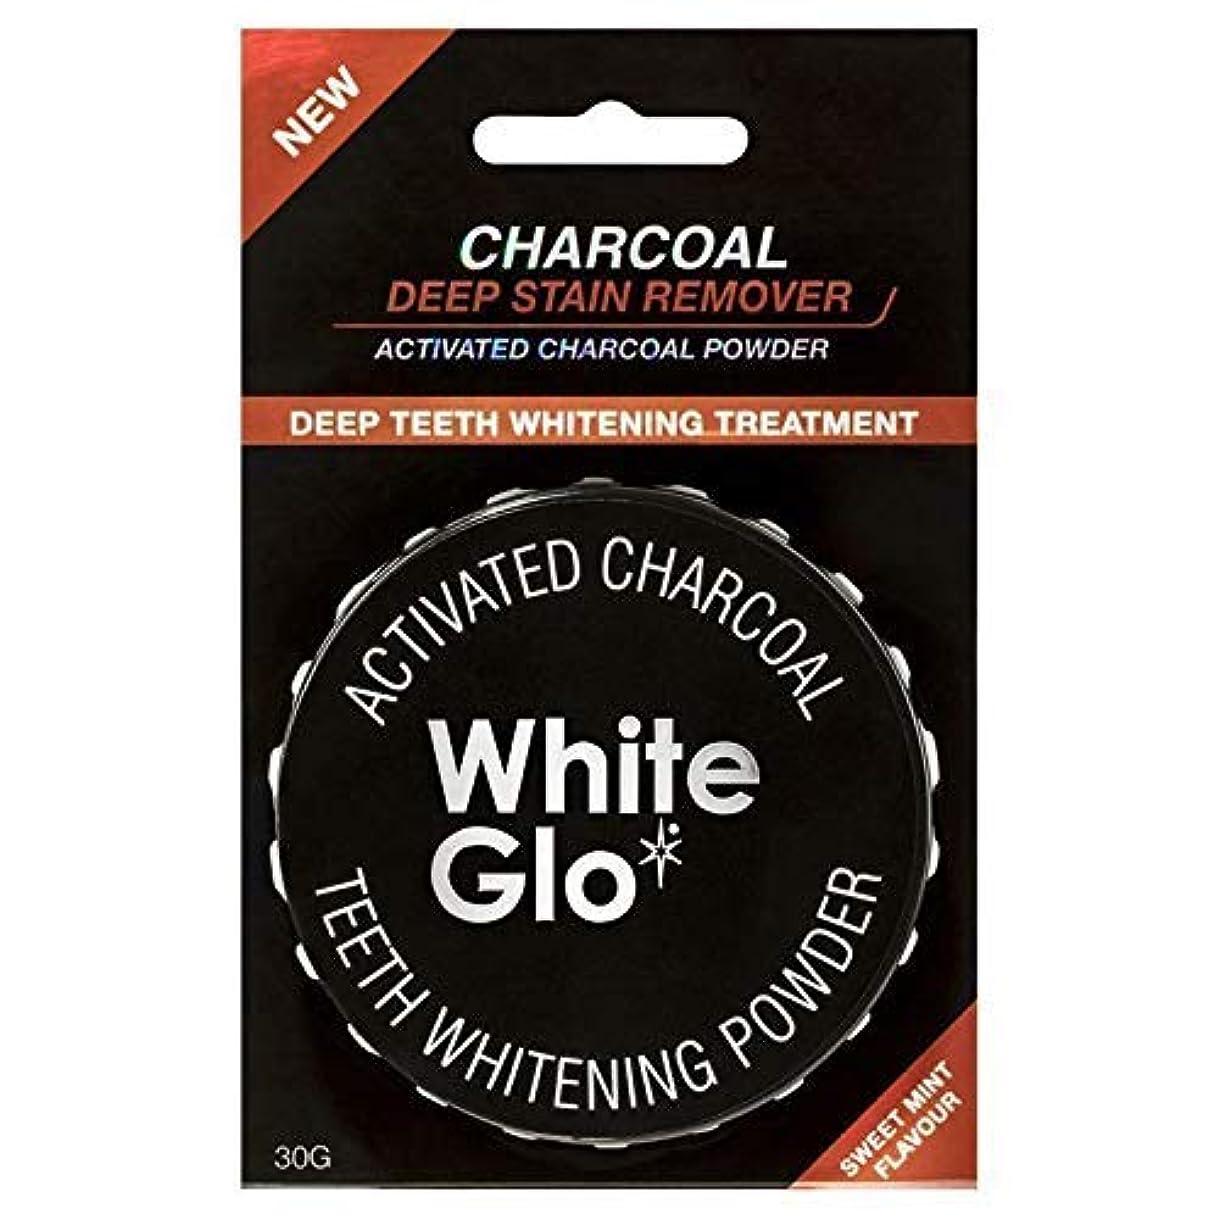 合体犯罪遊び場Teeth Whitening Systems White Glo Activated Charcoal Teeth Whitening Powder 30g Australia / システムを白くする歯を白くする歯の粉...